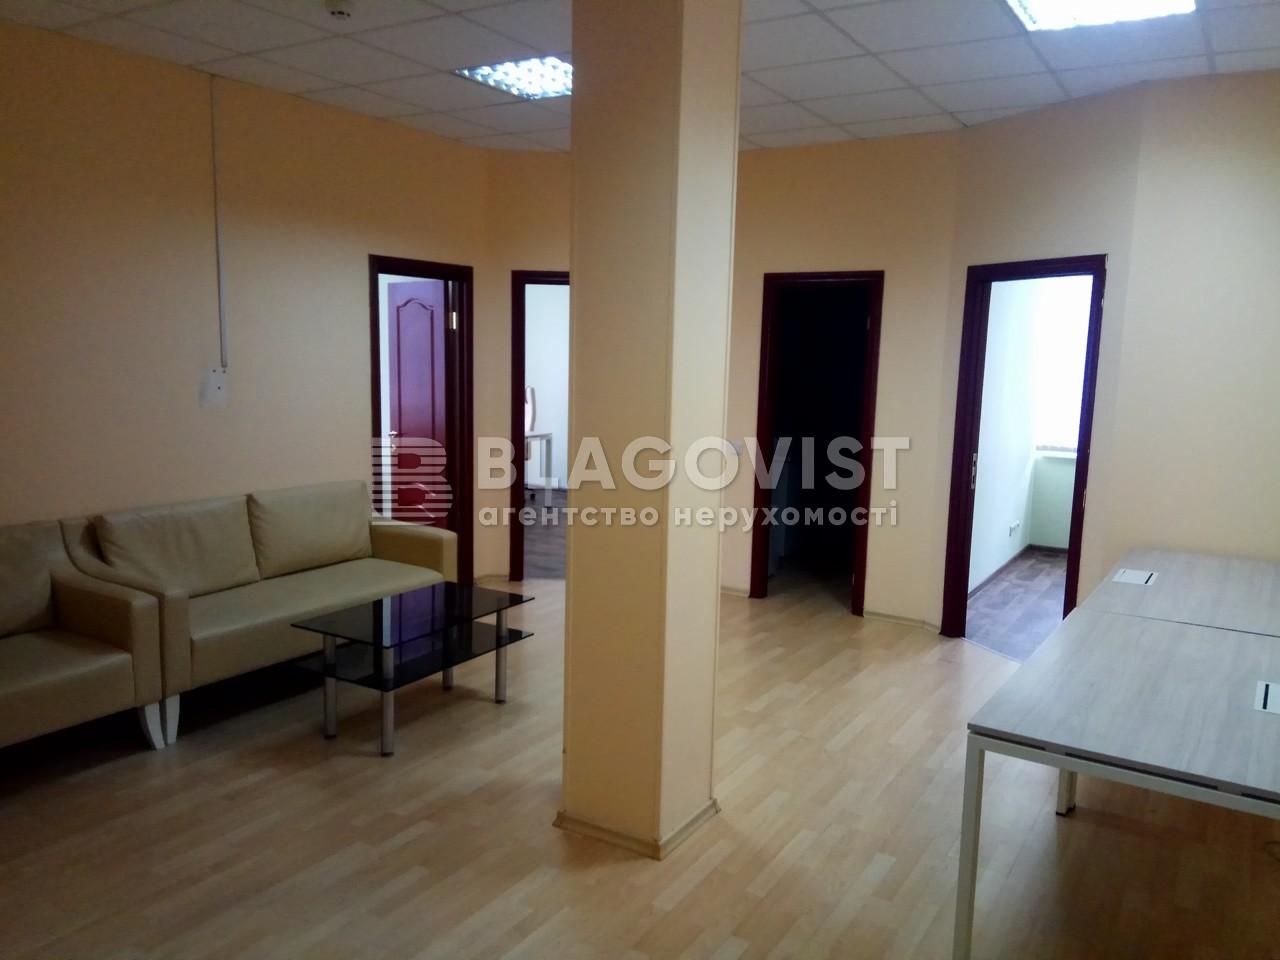 Нежитлове приміщення, P-30038, Дніпровська наб., Київ - Фото 19